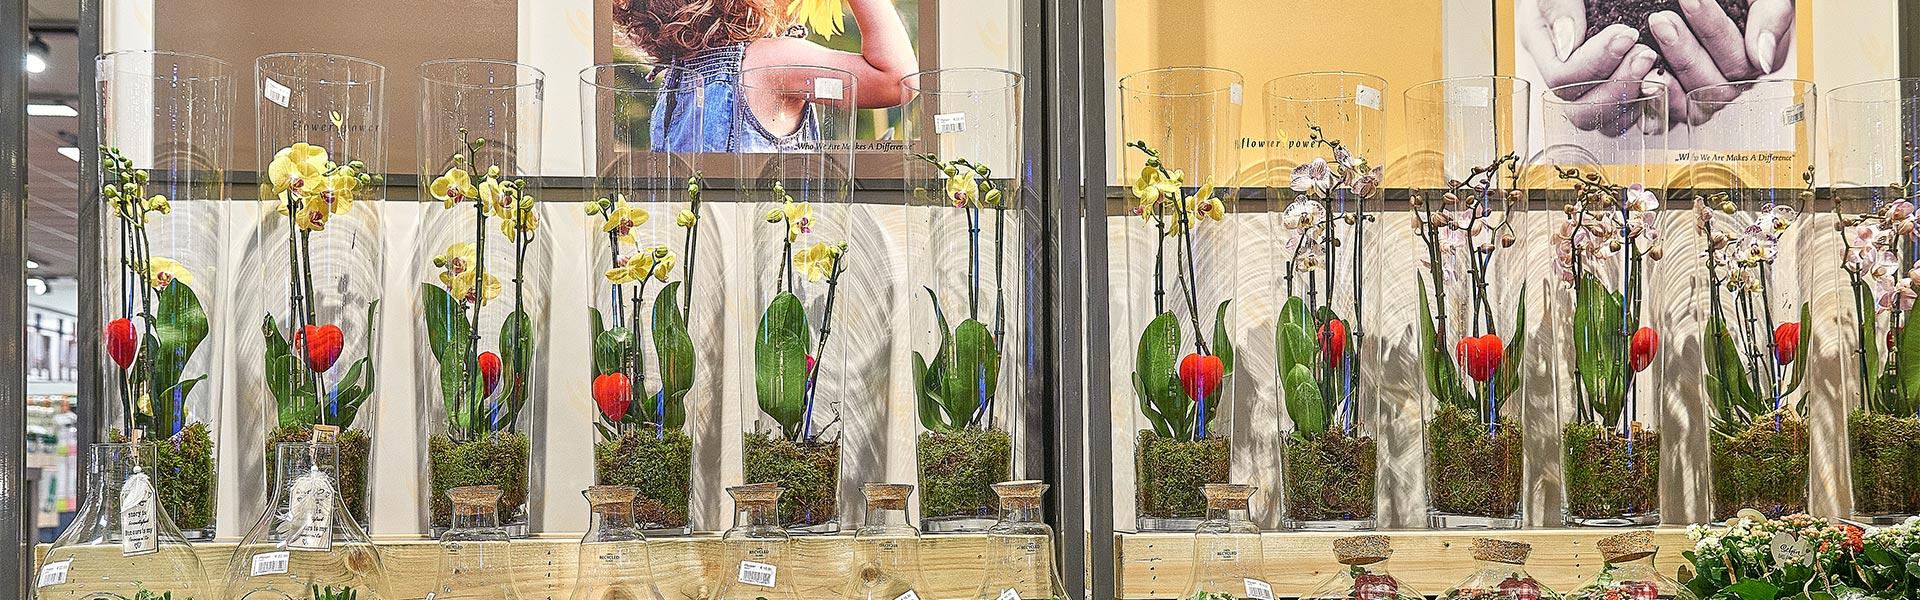 Orchideen als Geschenkidee bei REWE Schorn